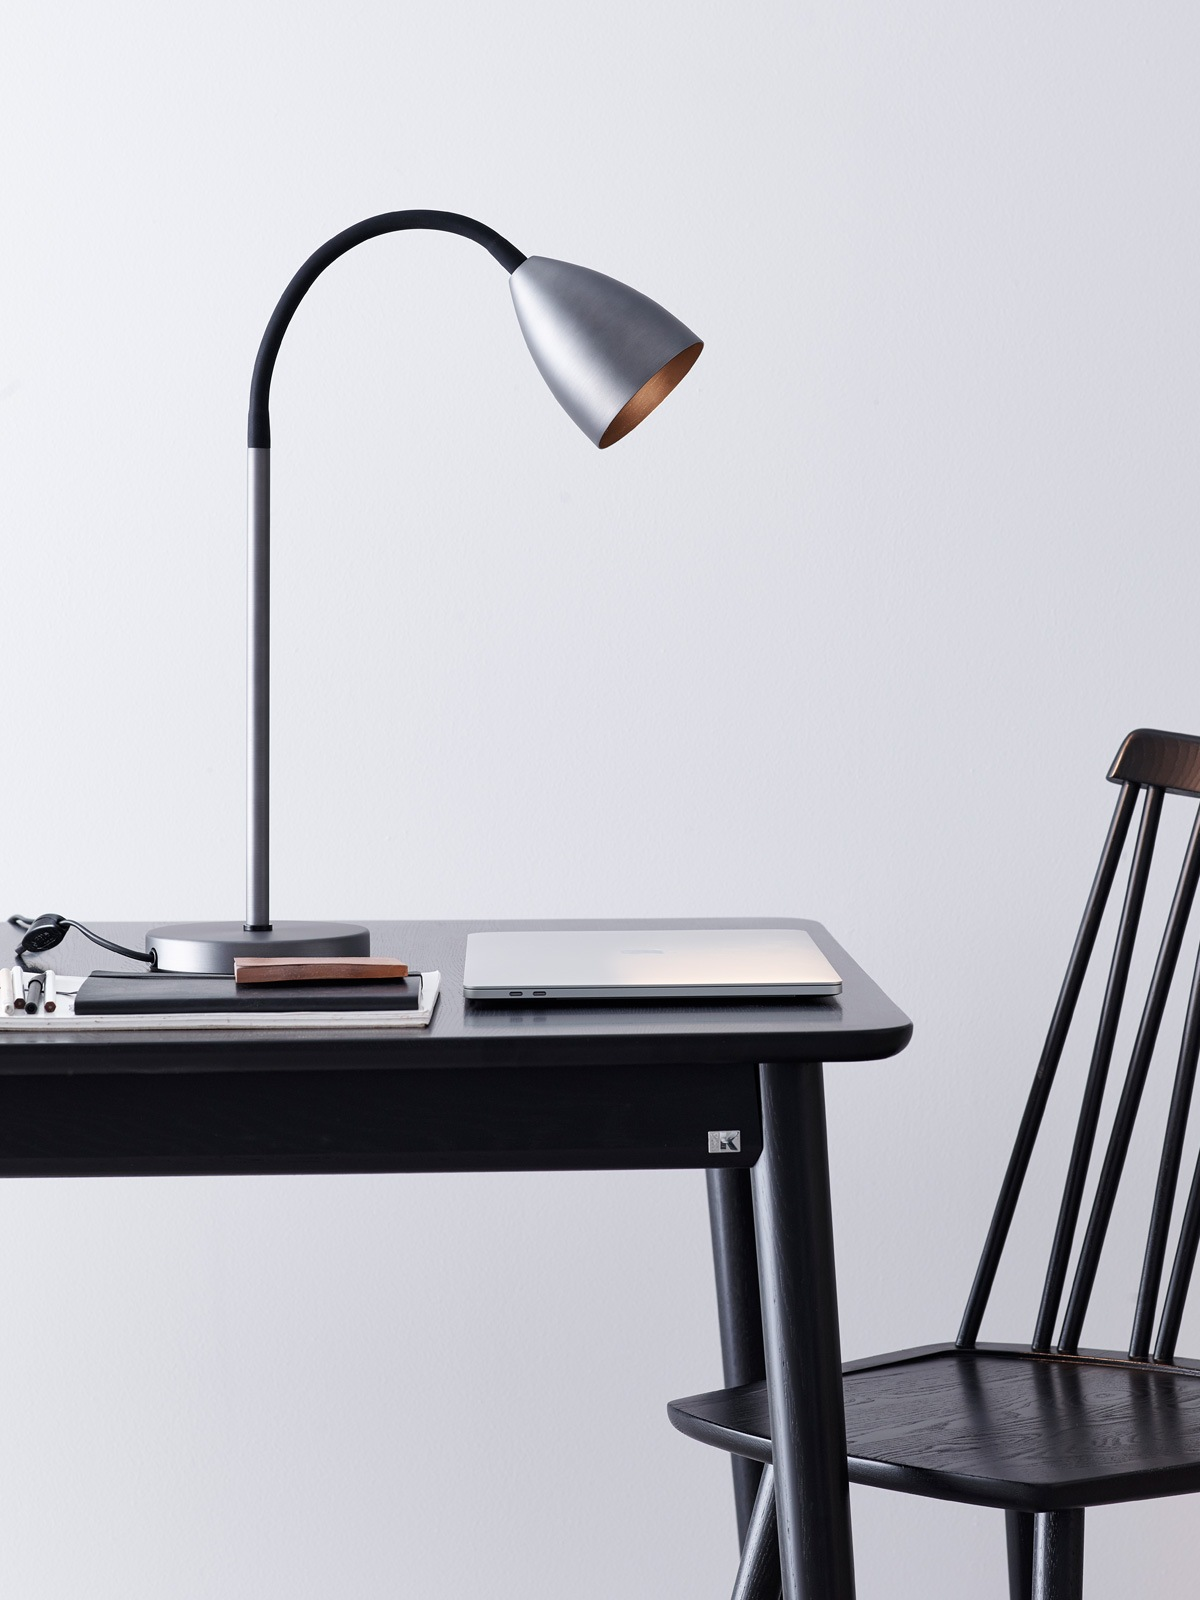 Belid Trotzig Tischlampe DesignOrt Lampen Berlin Onlineshop